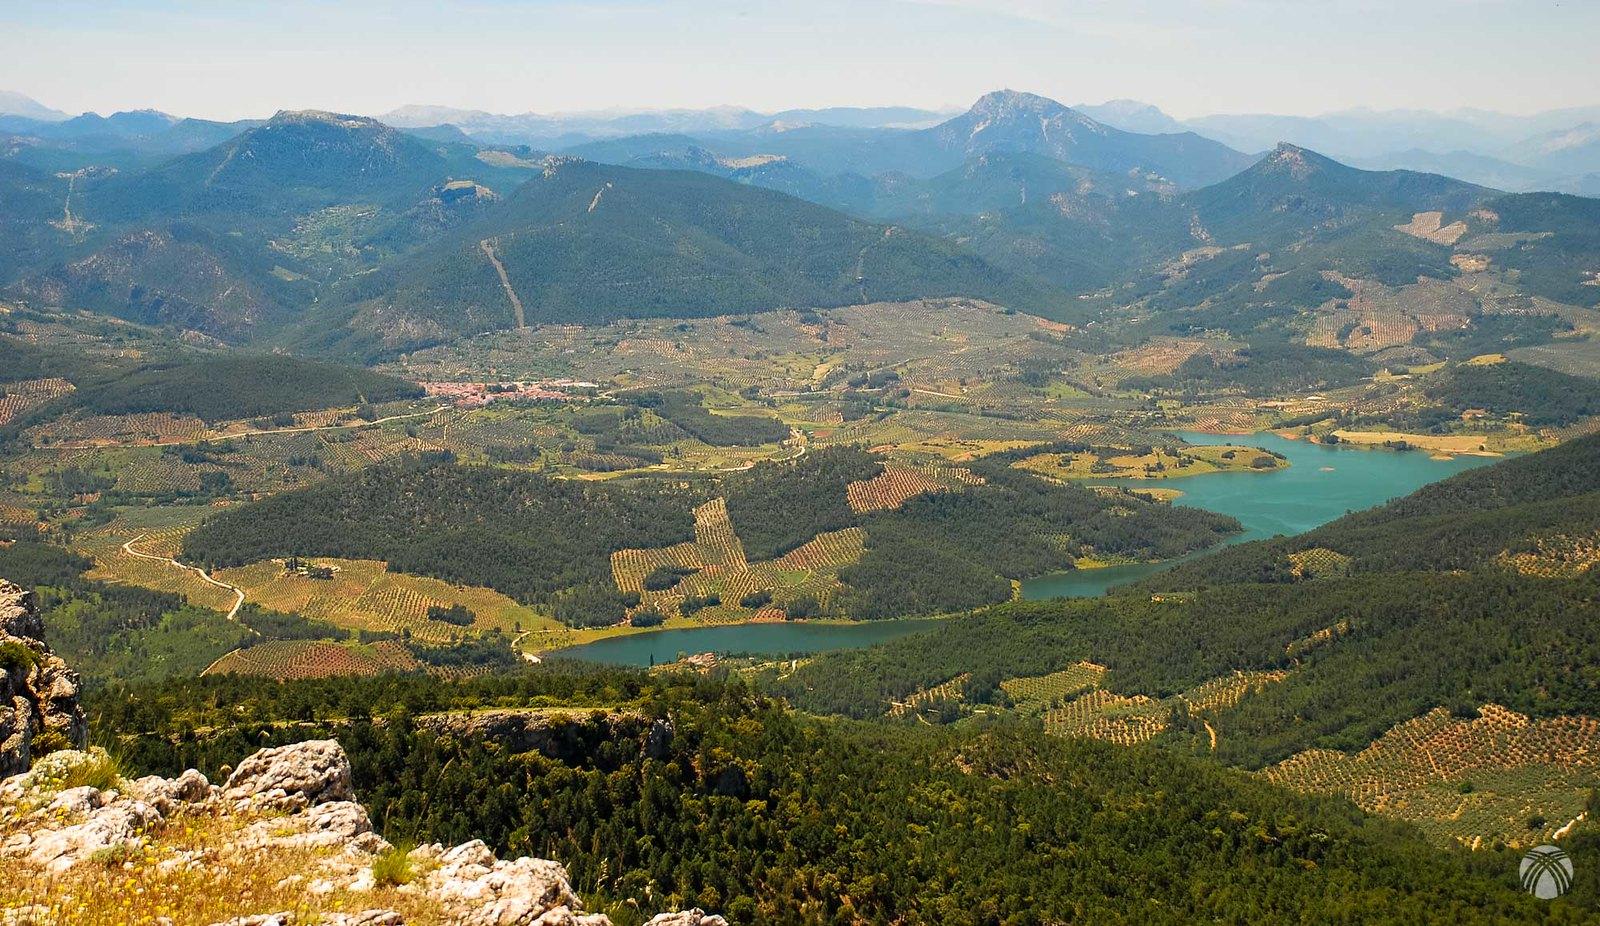 Siles pueblo y su presa. Detrás se aprecia el cerro Bucentaina y el Navalperal